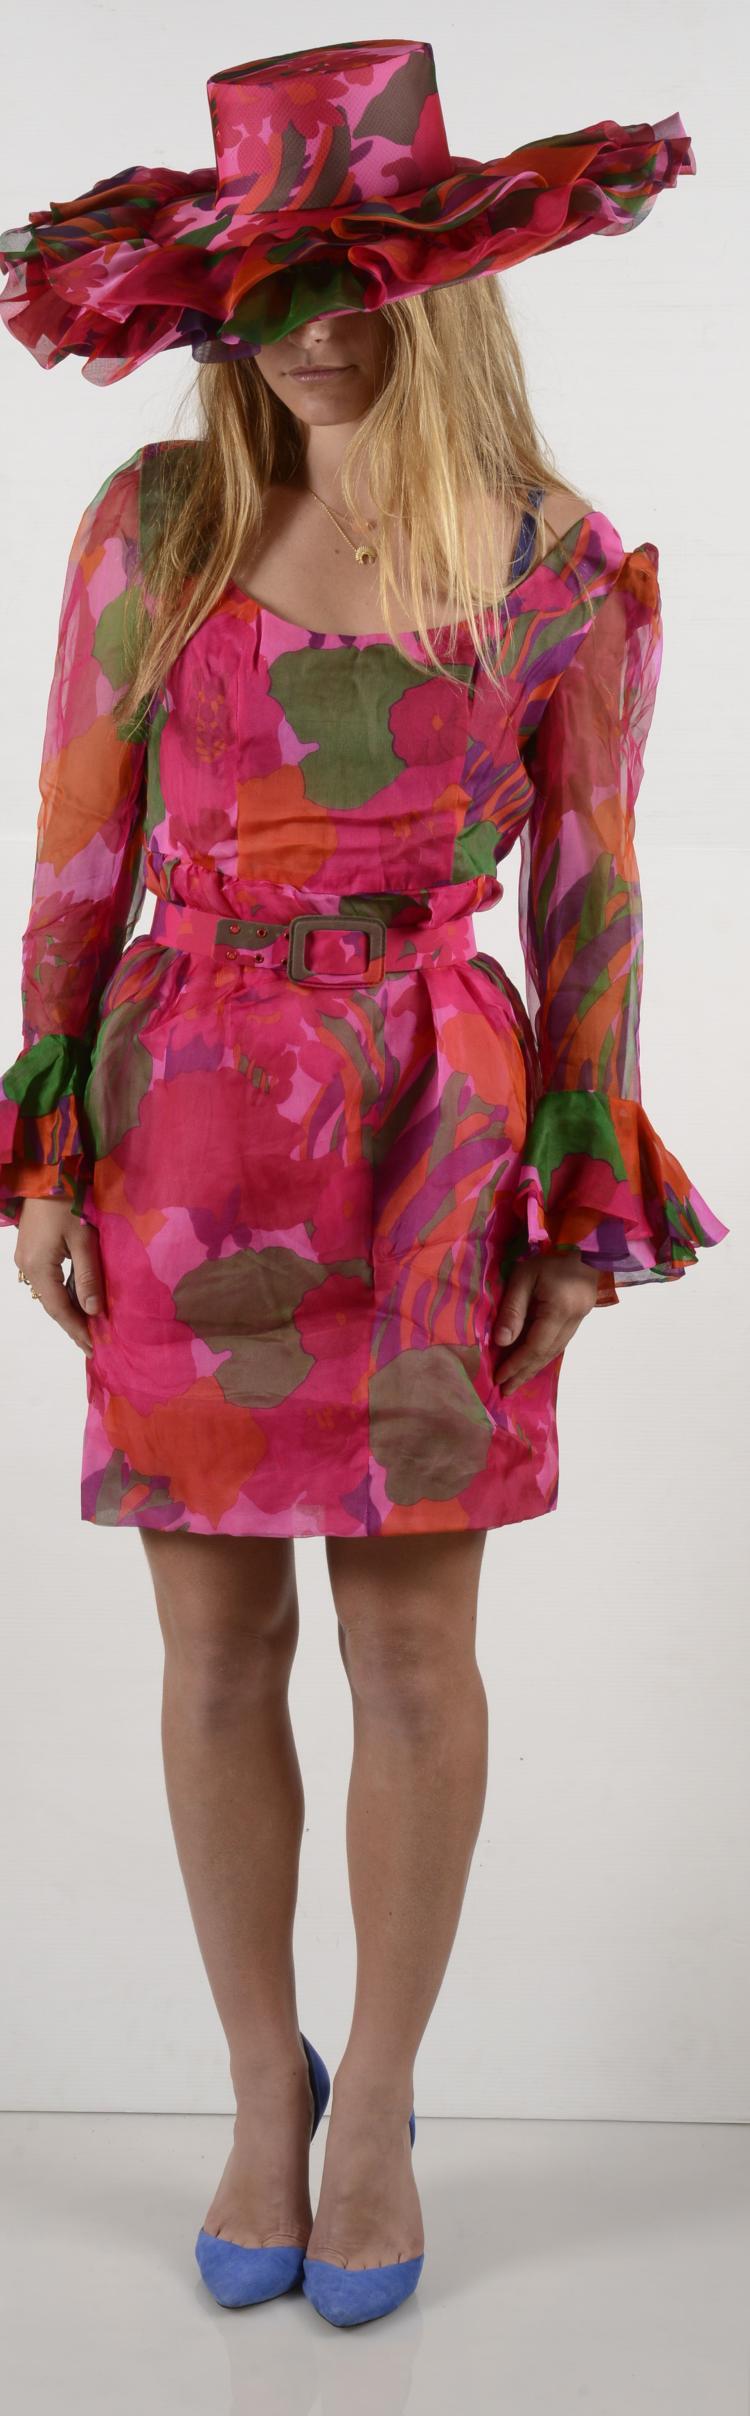 GIVENCHY Haute couture Made in France Robe de cocktail dans les tons de rose et son chapeau assorti.